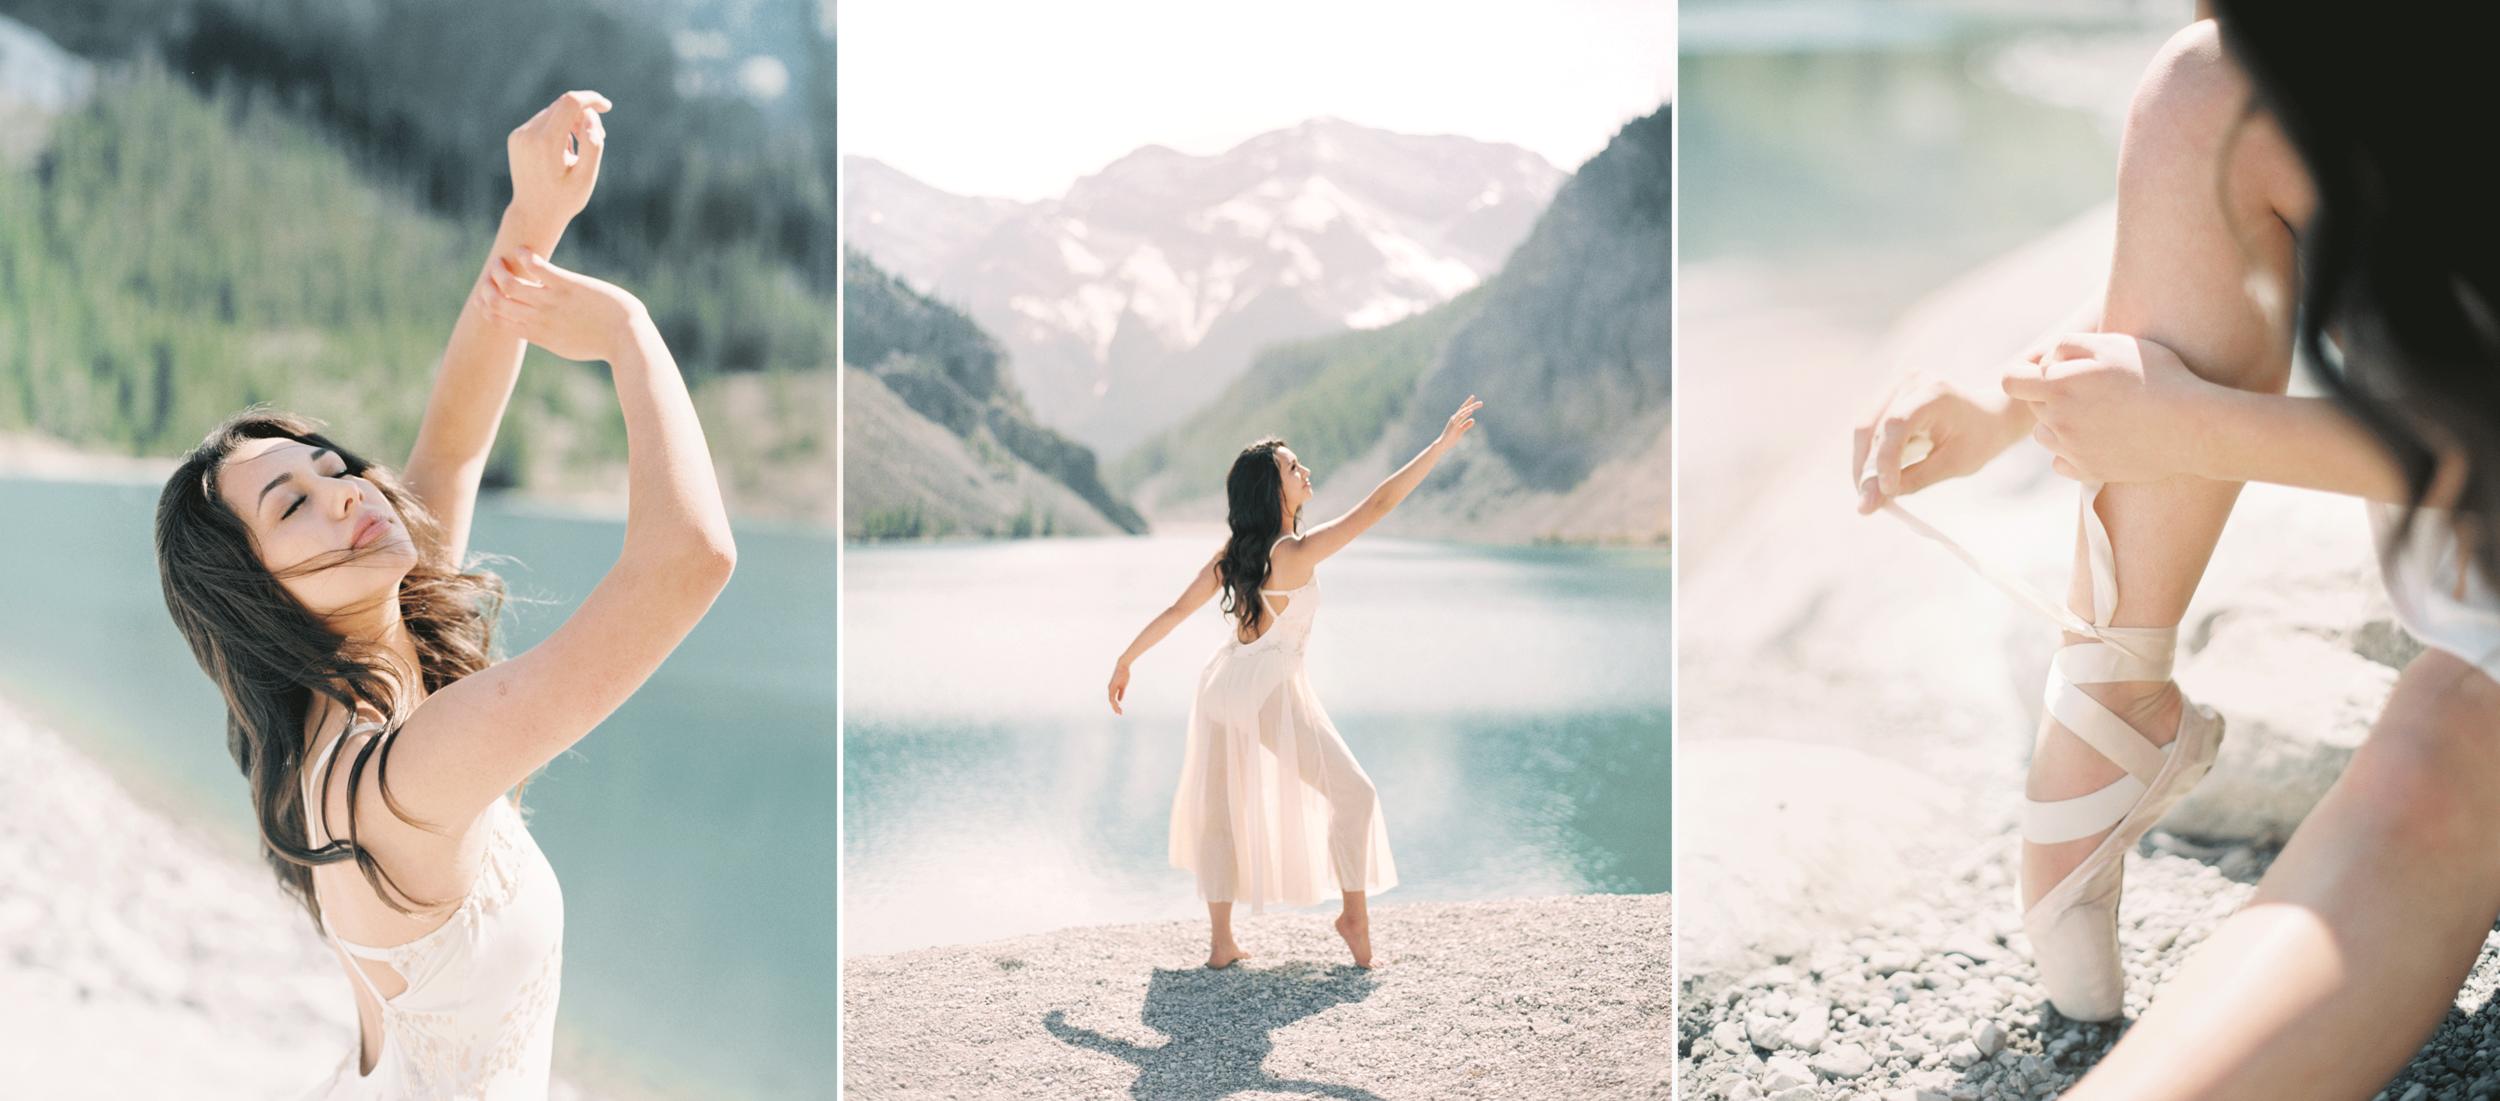 toronto-ontario-wedding-photographer-richelle-hunter-photography-banff-calgary-shayla-ballerina-mountain-website.png